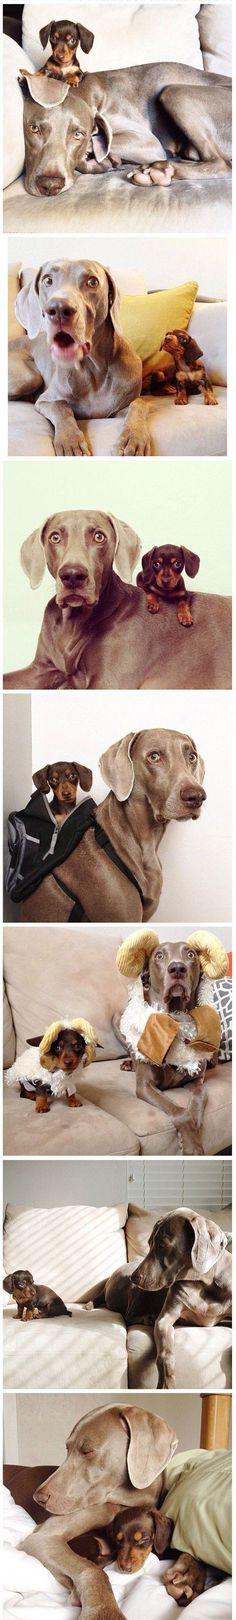 cute dog couch costume Weimeraner Dachshund friends